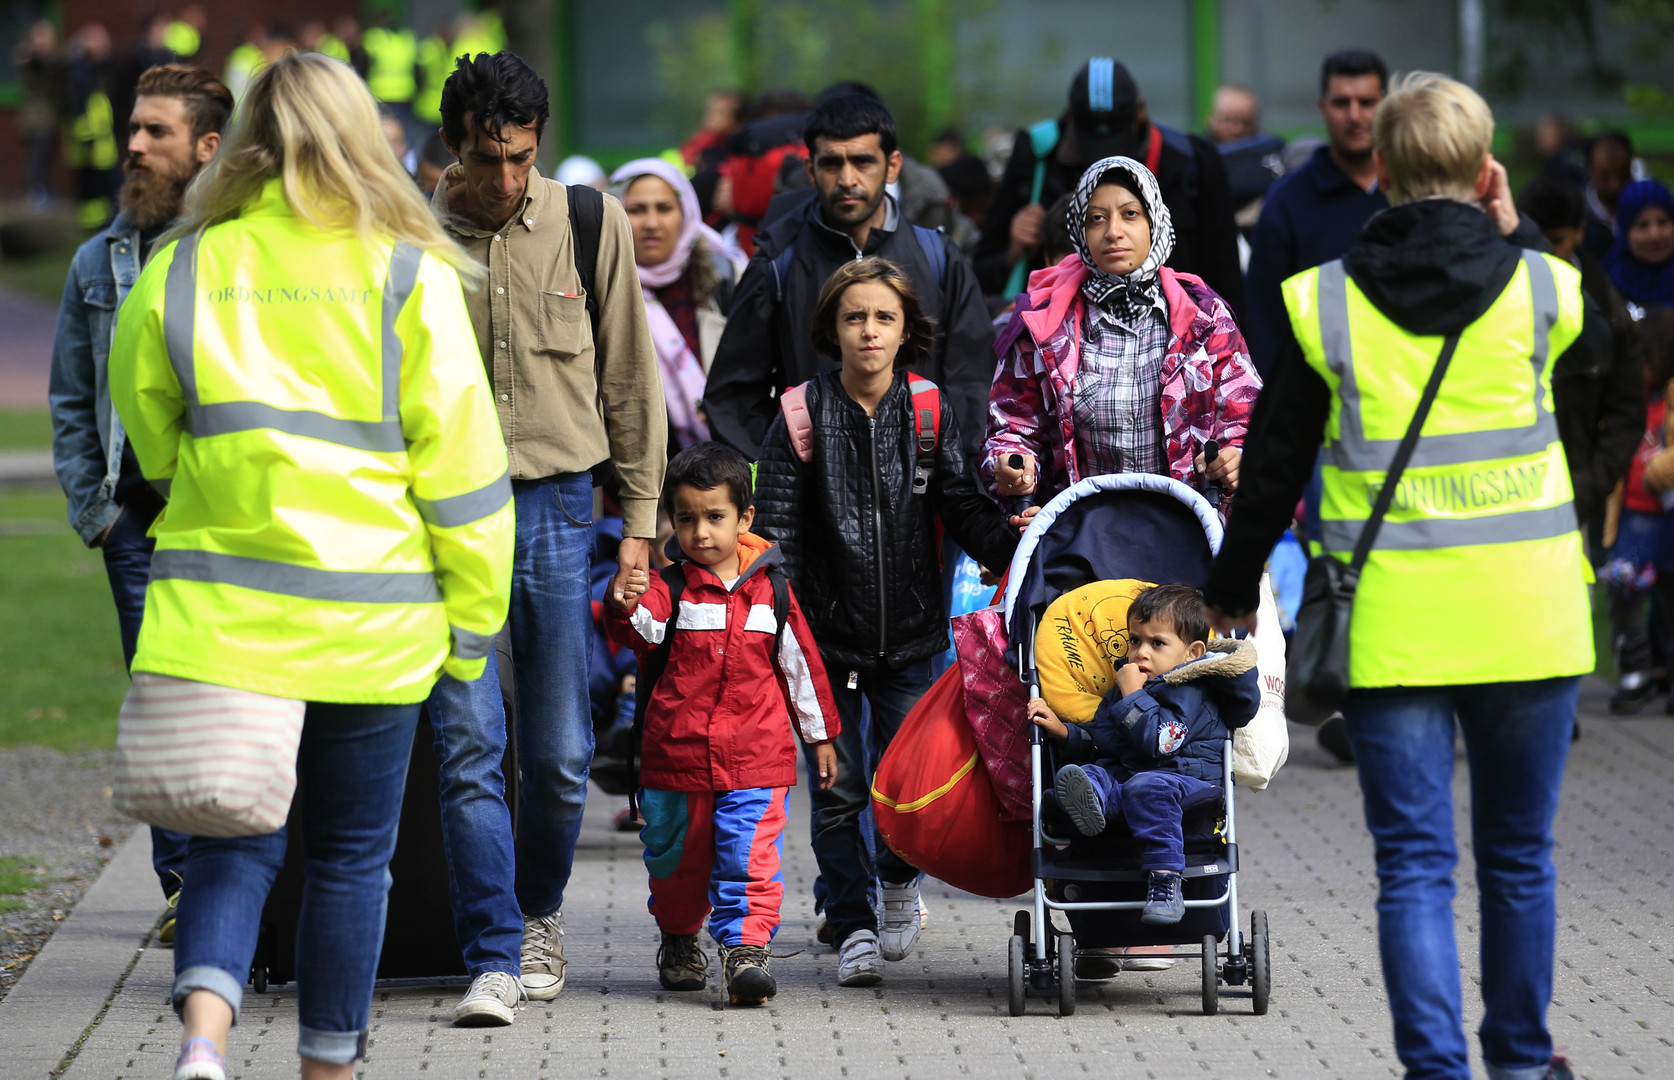 صورة تفكك أسري يصيب عائلات سورية بألمانيا